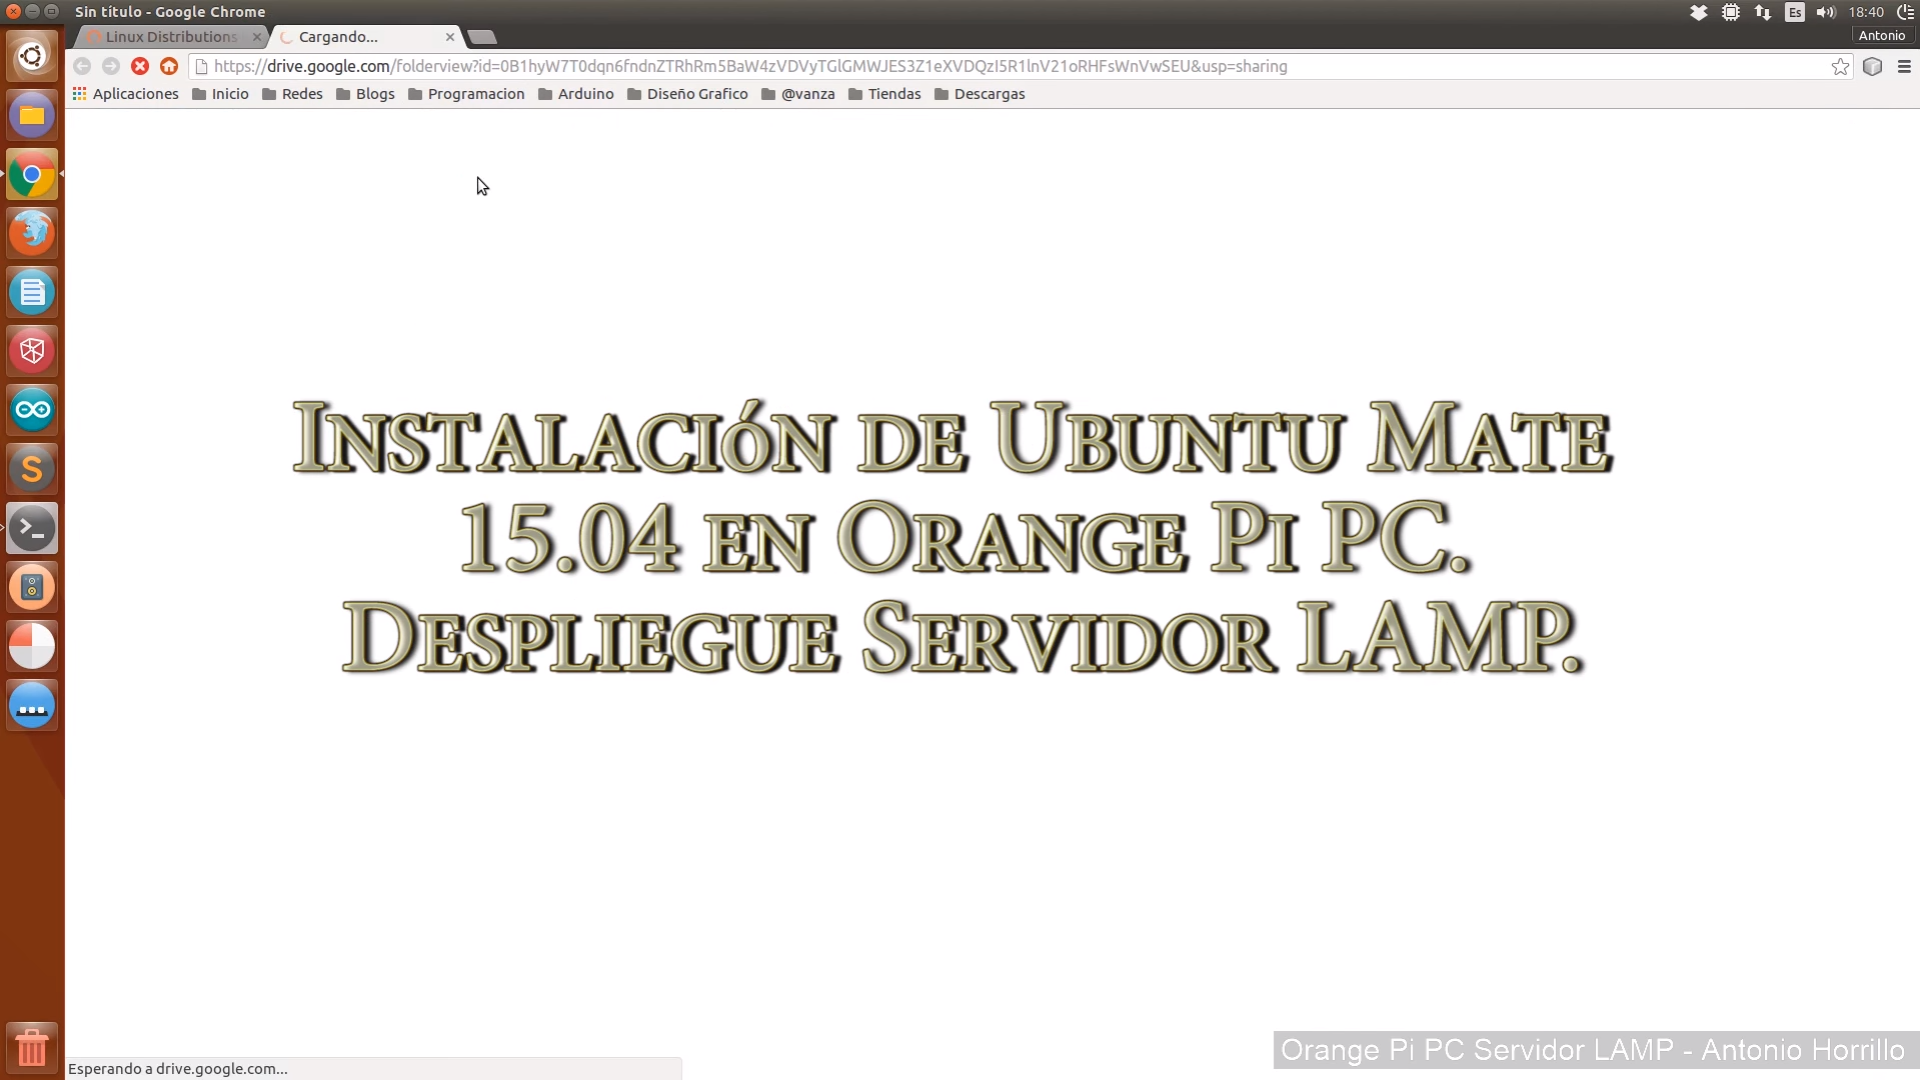 Instalación Ubuntu Mate 15.04 Orange Pi PC. Despliegue servidor LAMP.